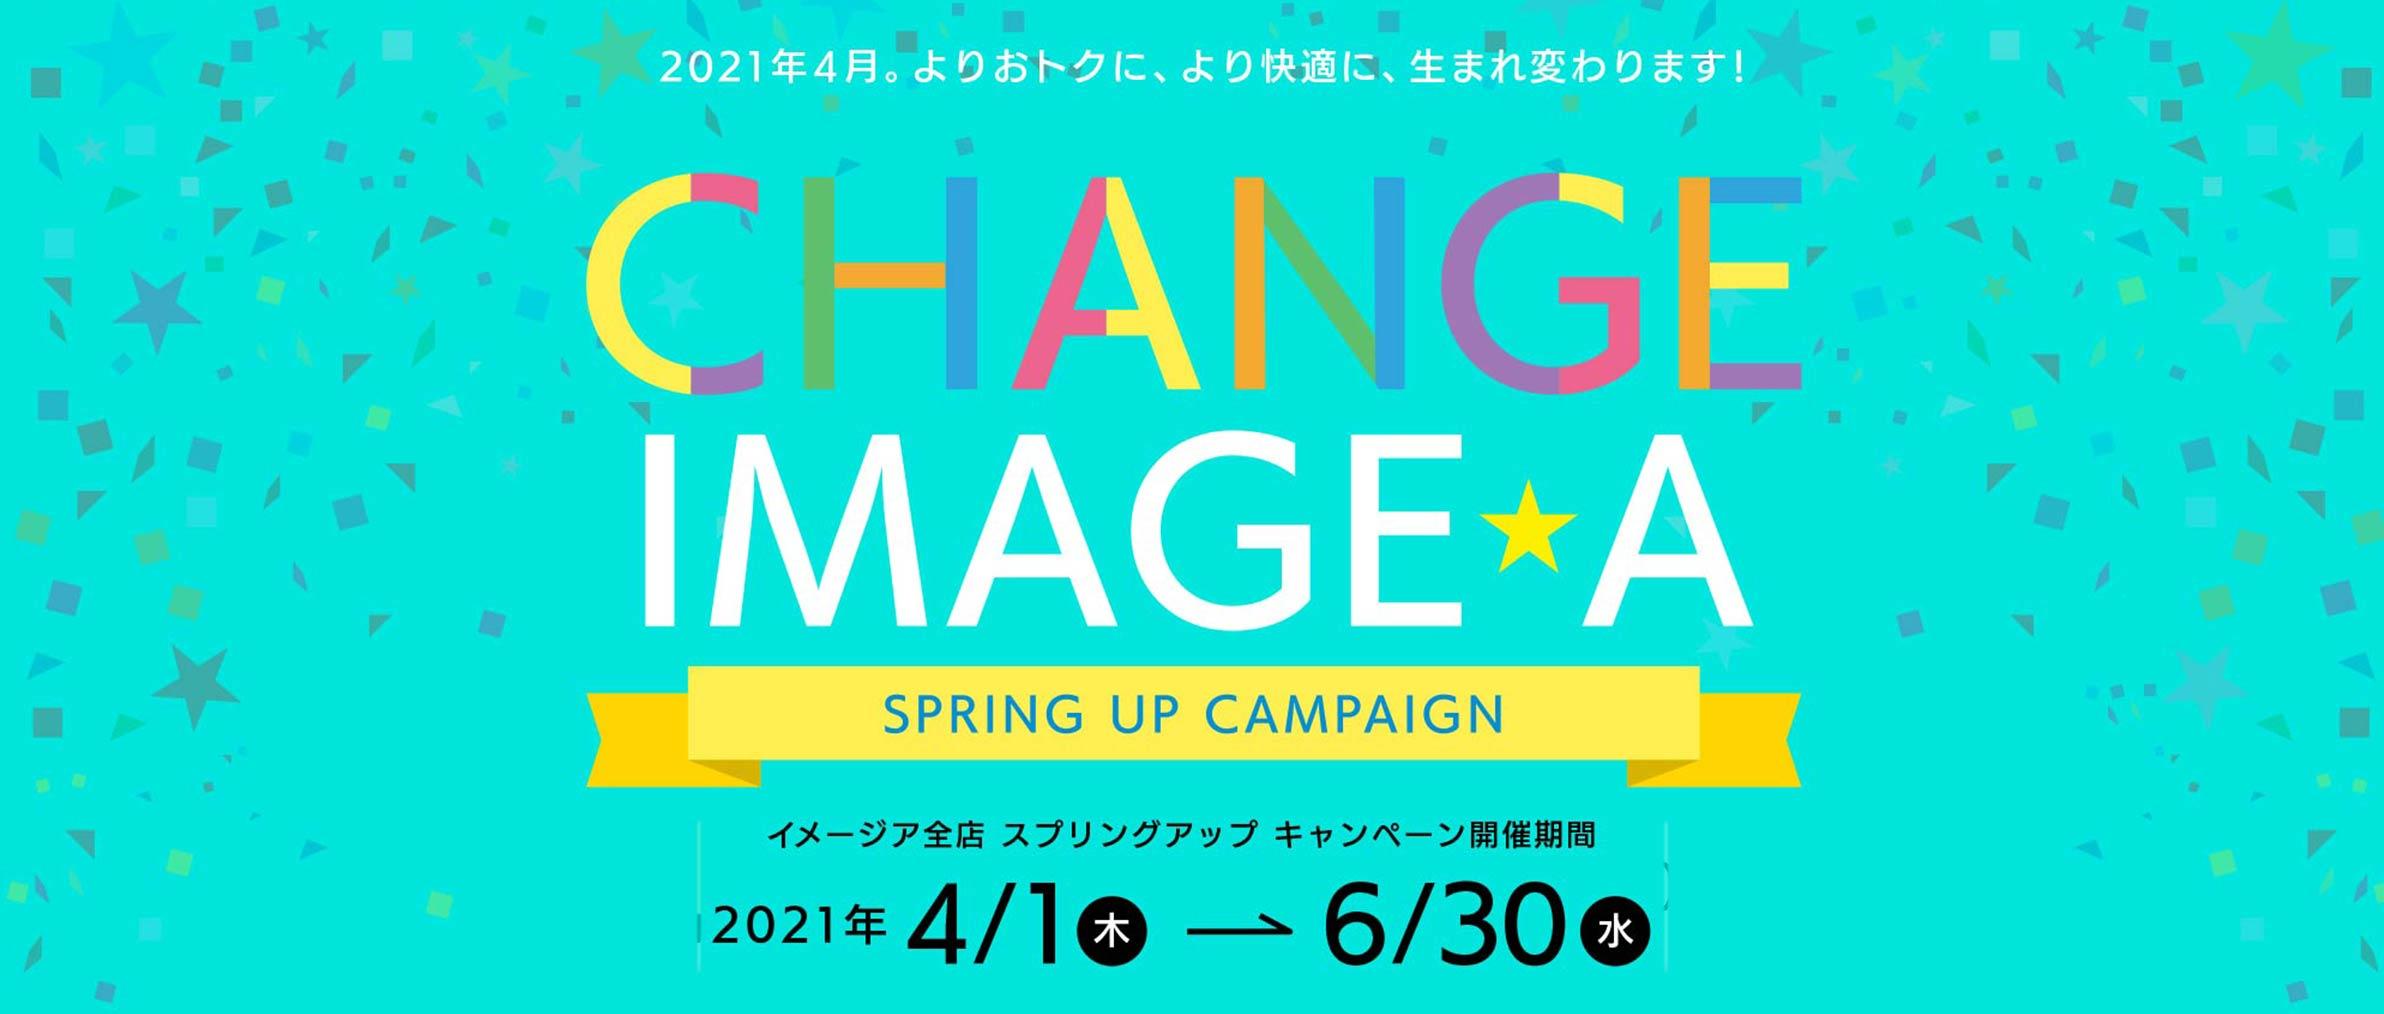 イメージア全店 スプリングアップキャンペーン2021